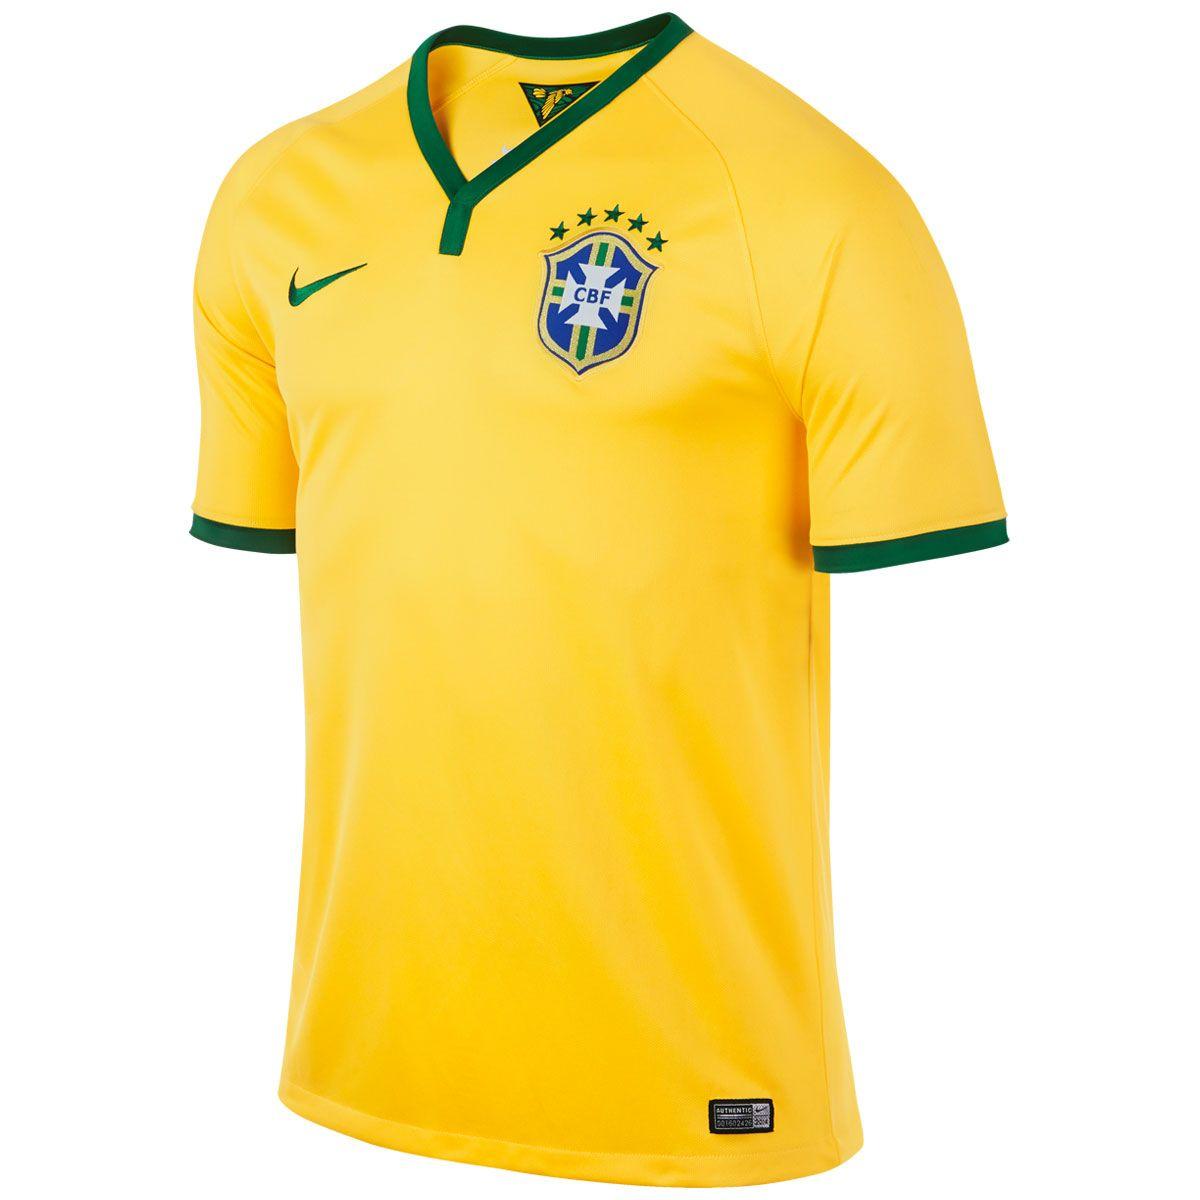 Camisa seleção brasileira 2014 - oferta especial de lançamento  Brazil   worldcup  football  soccer 3660a43cc4822